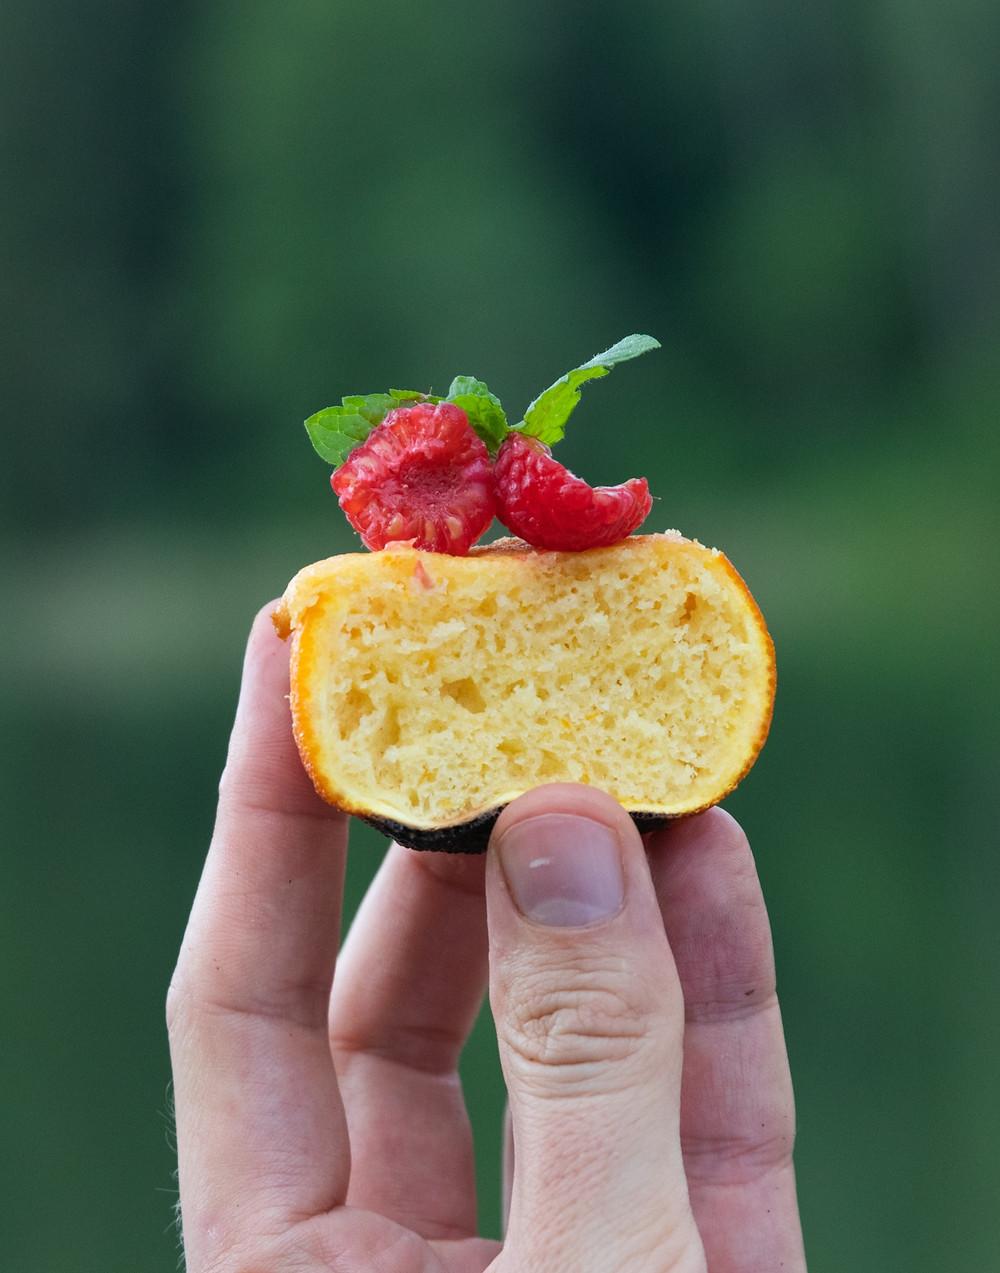 Grilio receptai, grilio idėjos, grilio desertai, desertas amt grilio, keksiukai apelsino žievelėje, Alfo Ivanausko receptai